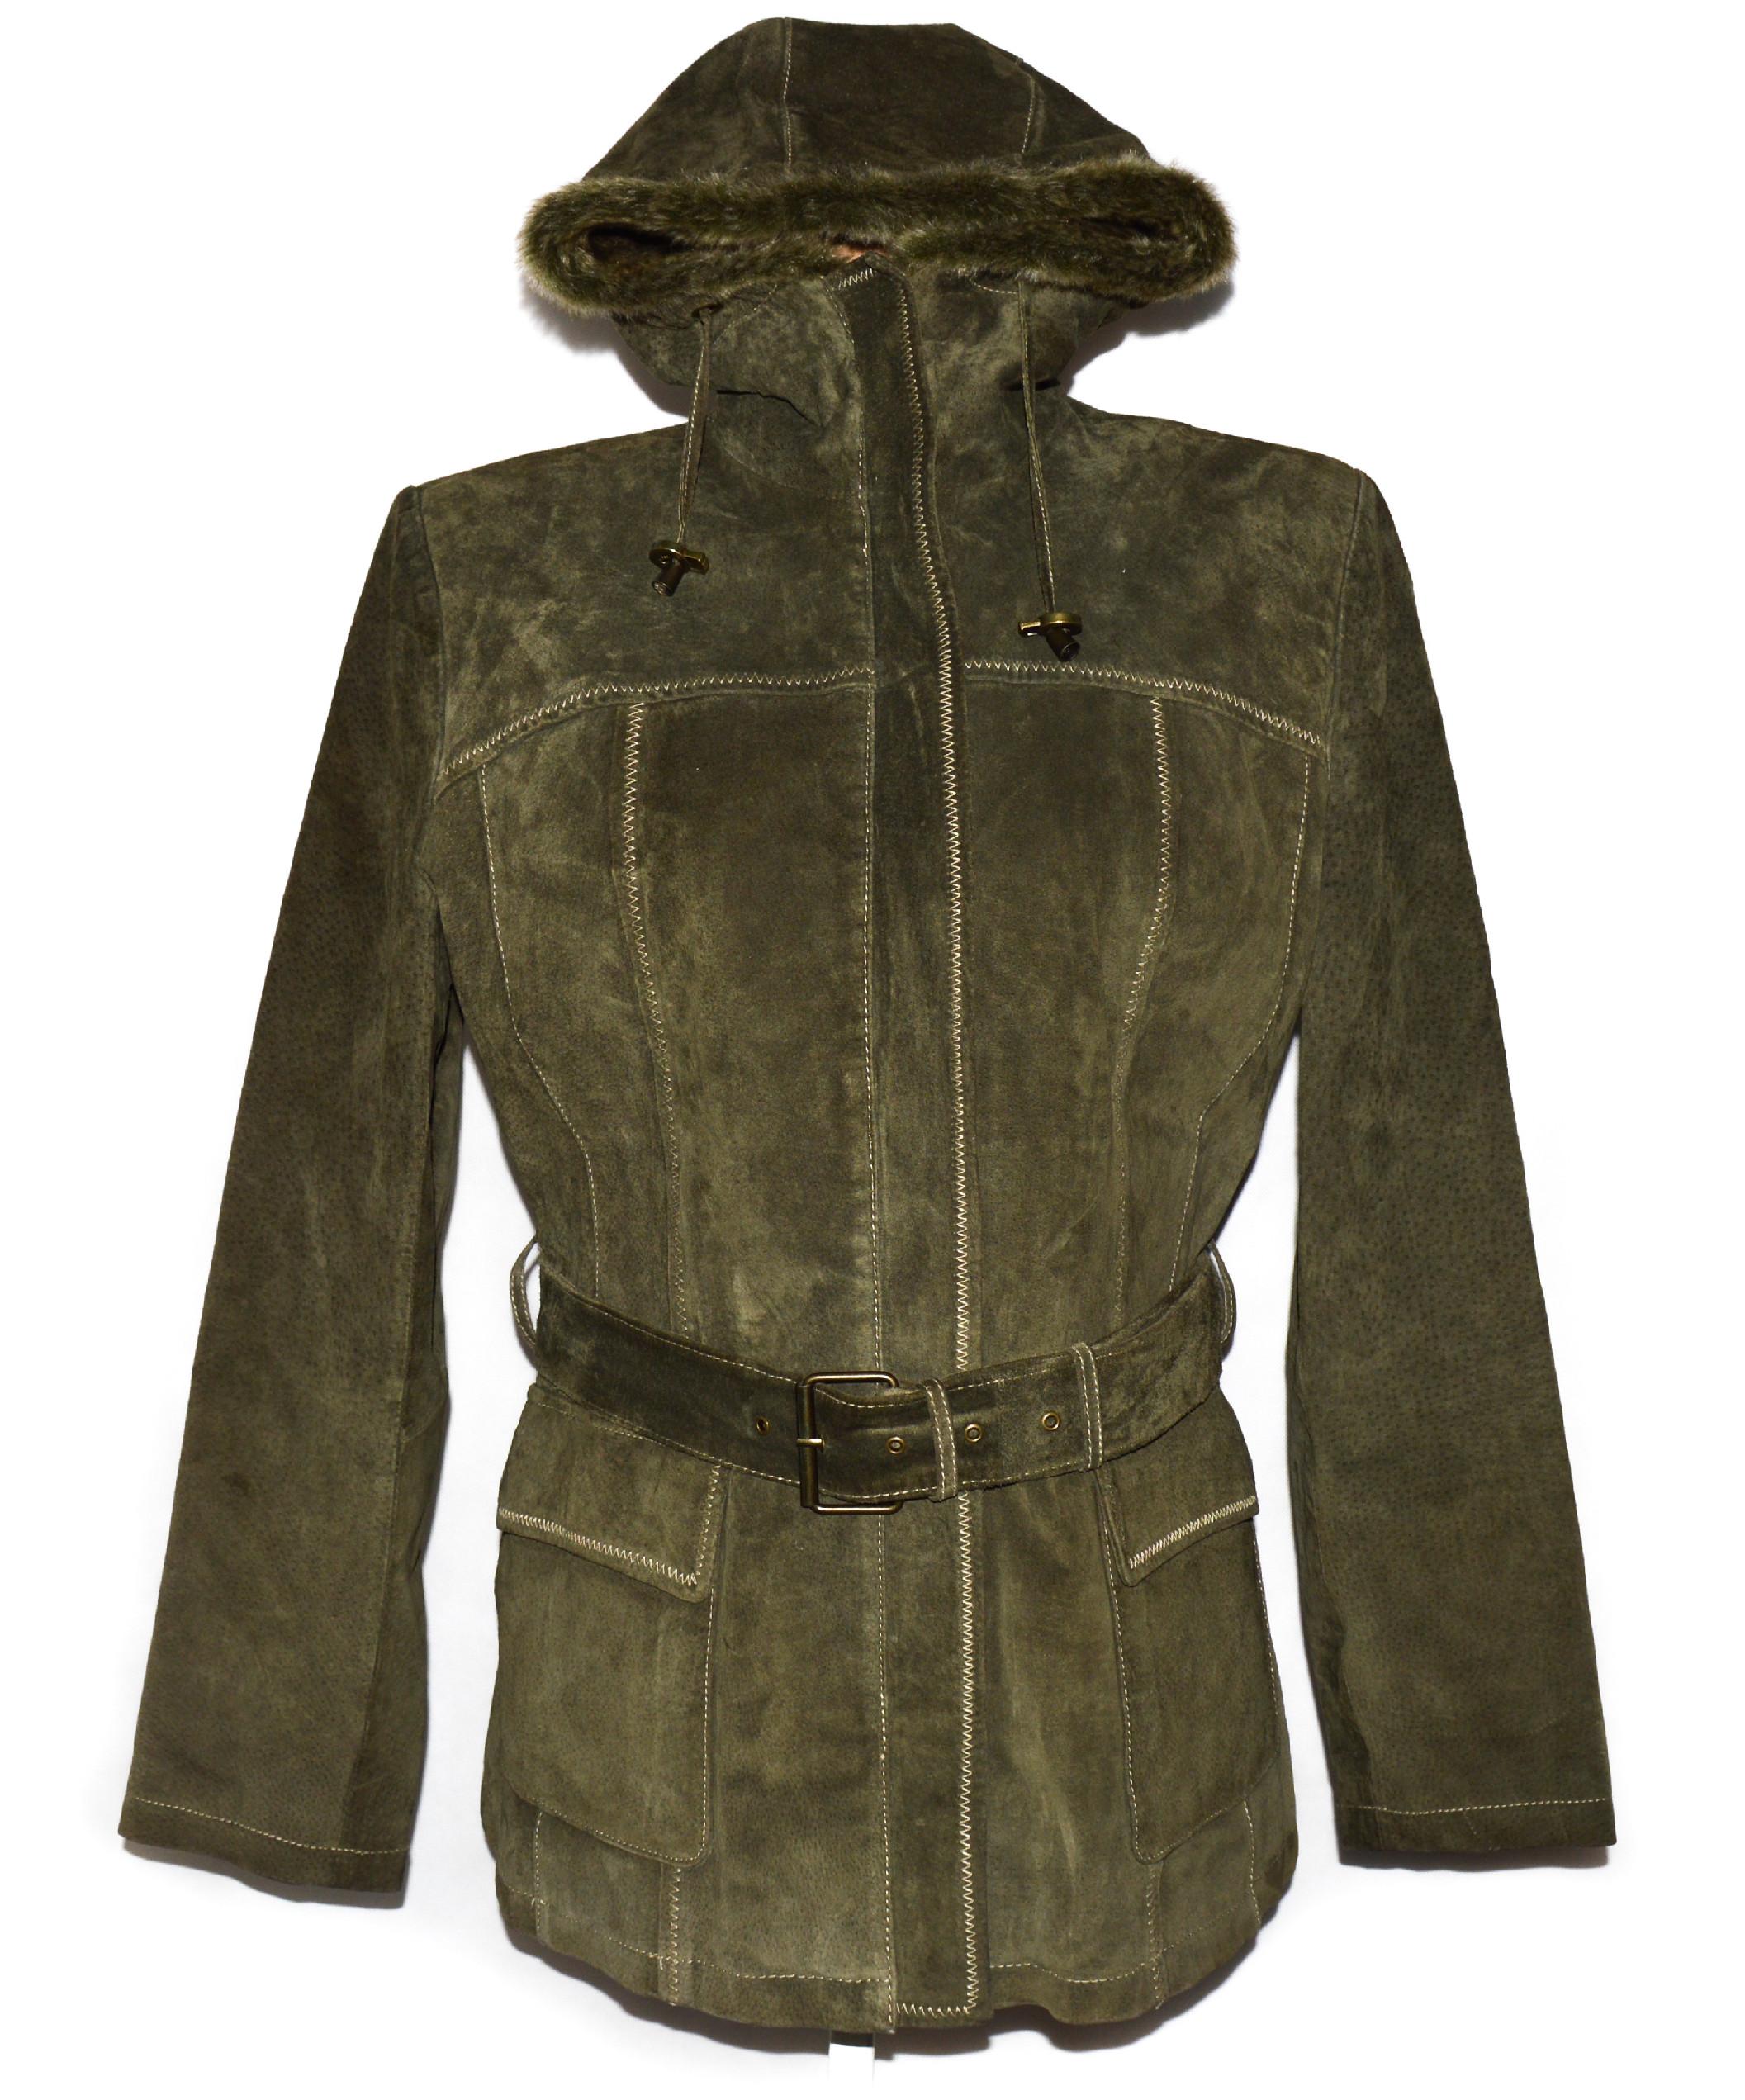 KOŽENÝ dámský khaki zelený semišový zateplený kabát s páskem a kapucí Authentic 40